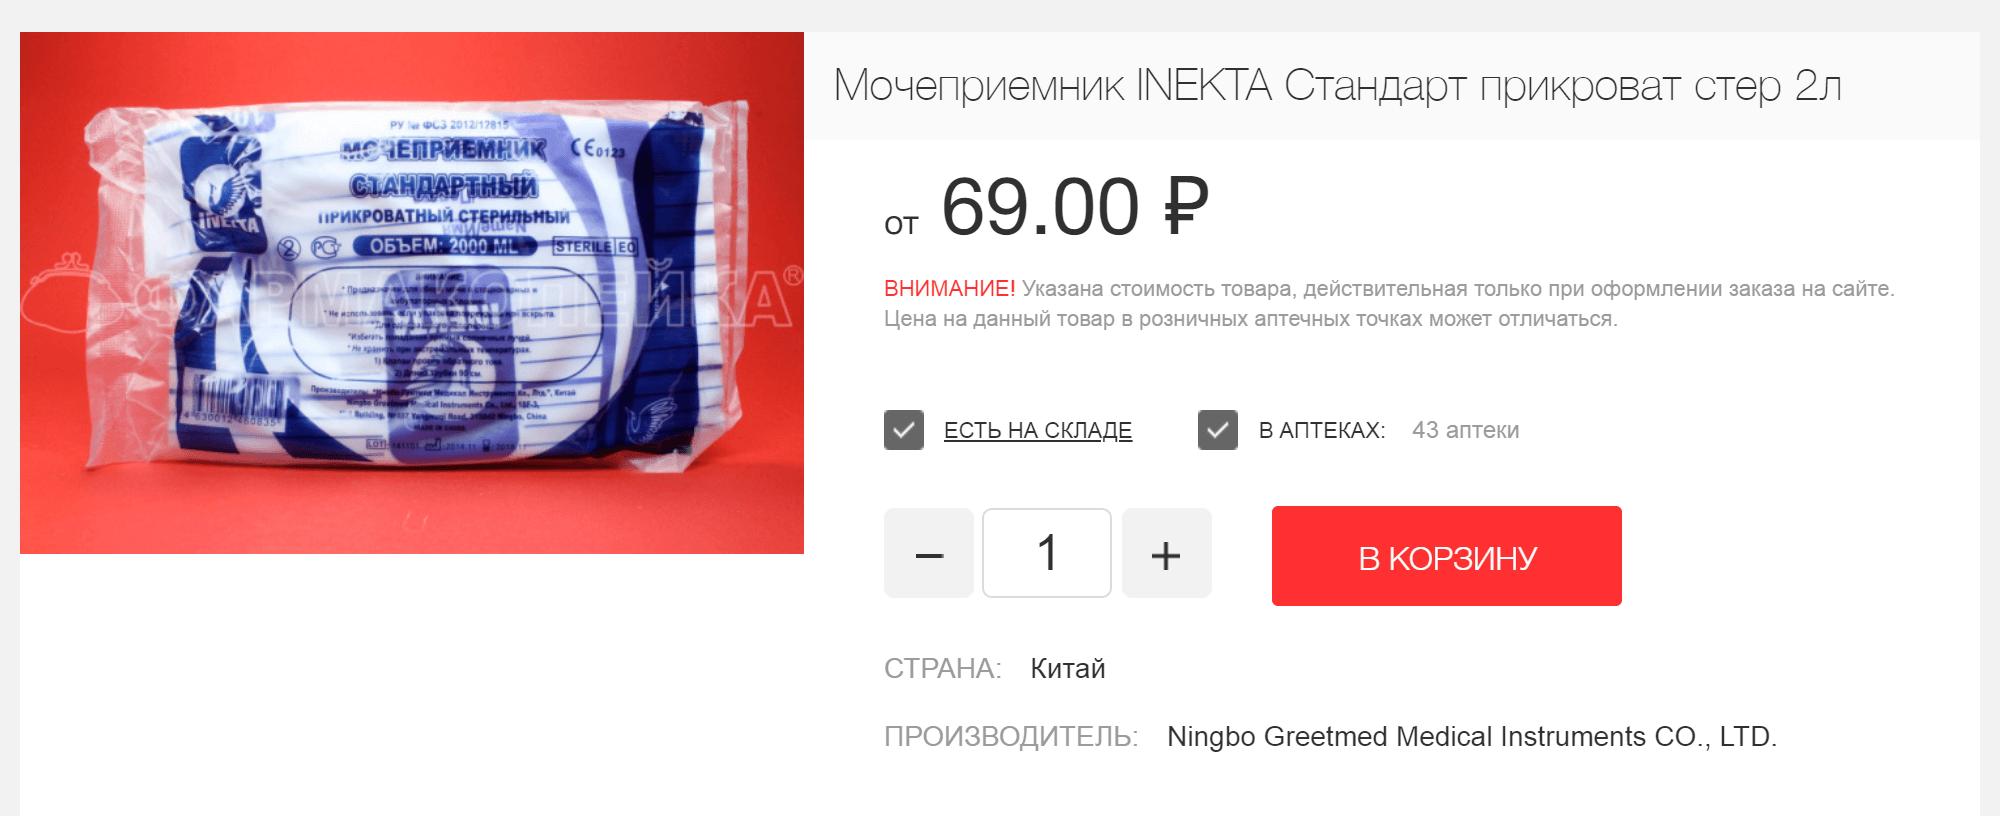 В аптеке большой мочеприемник стоит от 70<span class=ruble>Р</span>